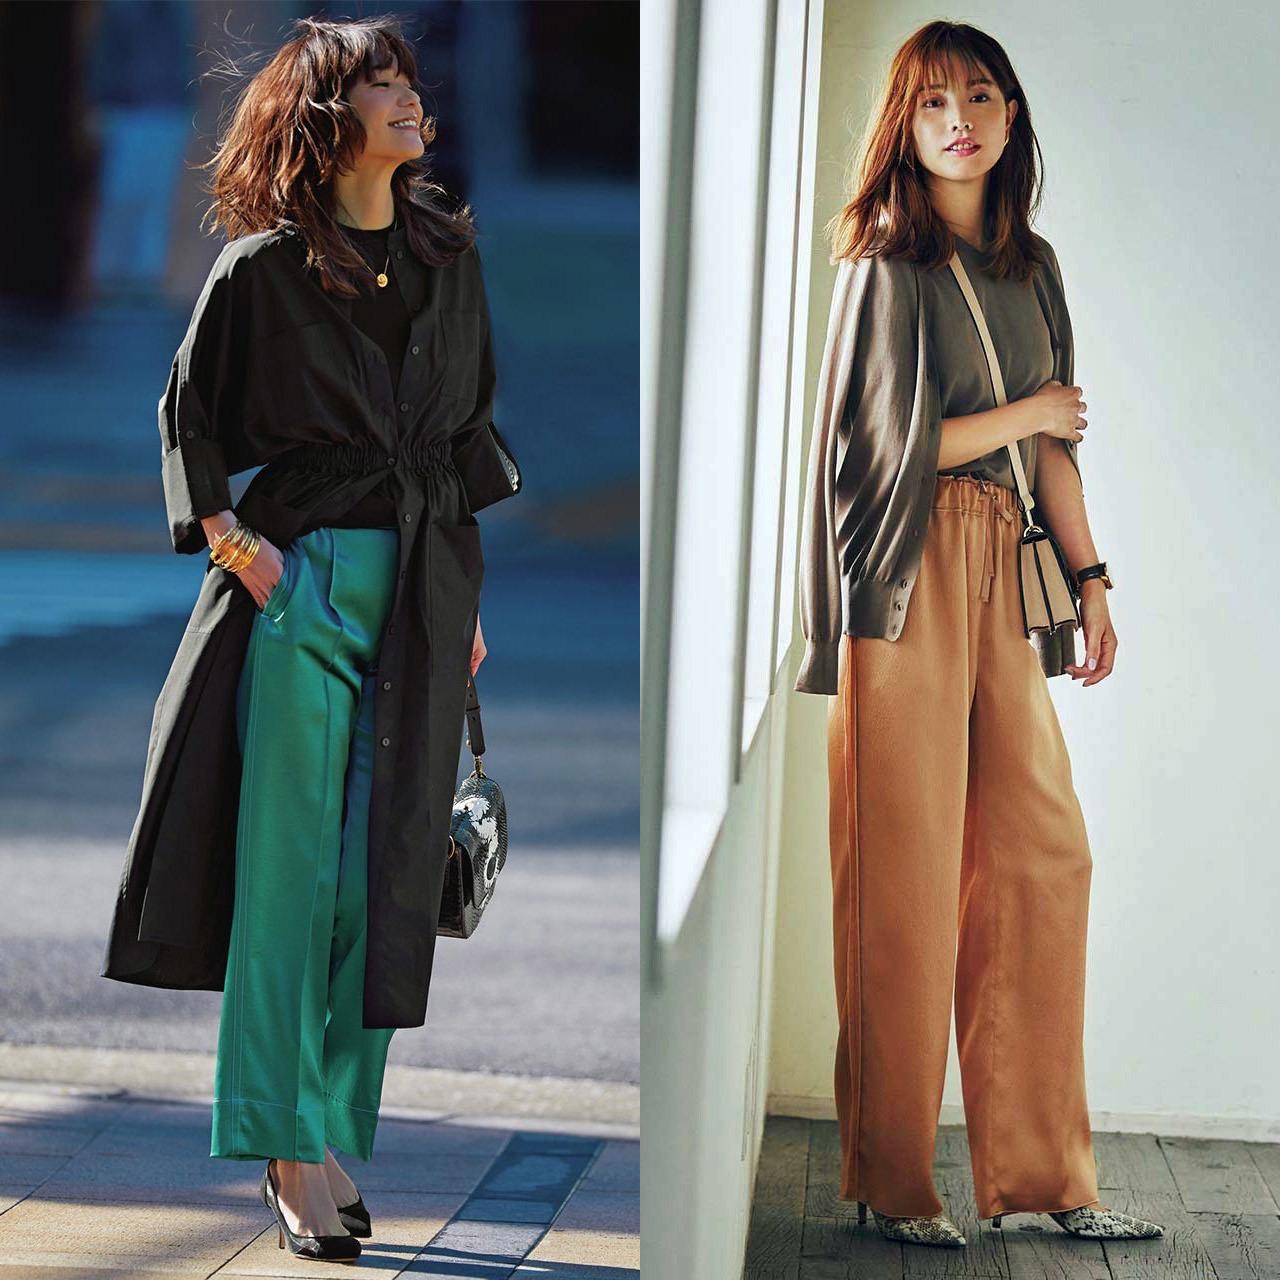 アラフォーの味方・パンツはツヤ素材を選んで女らしく華やかに!|40代ファッション